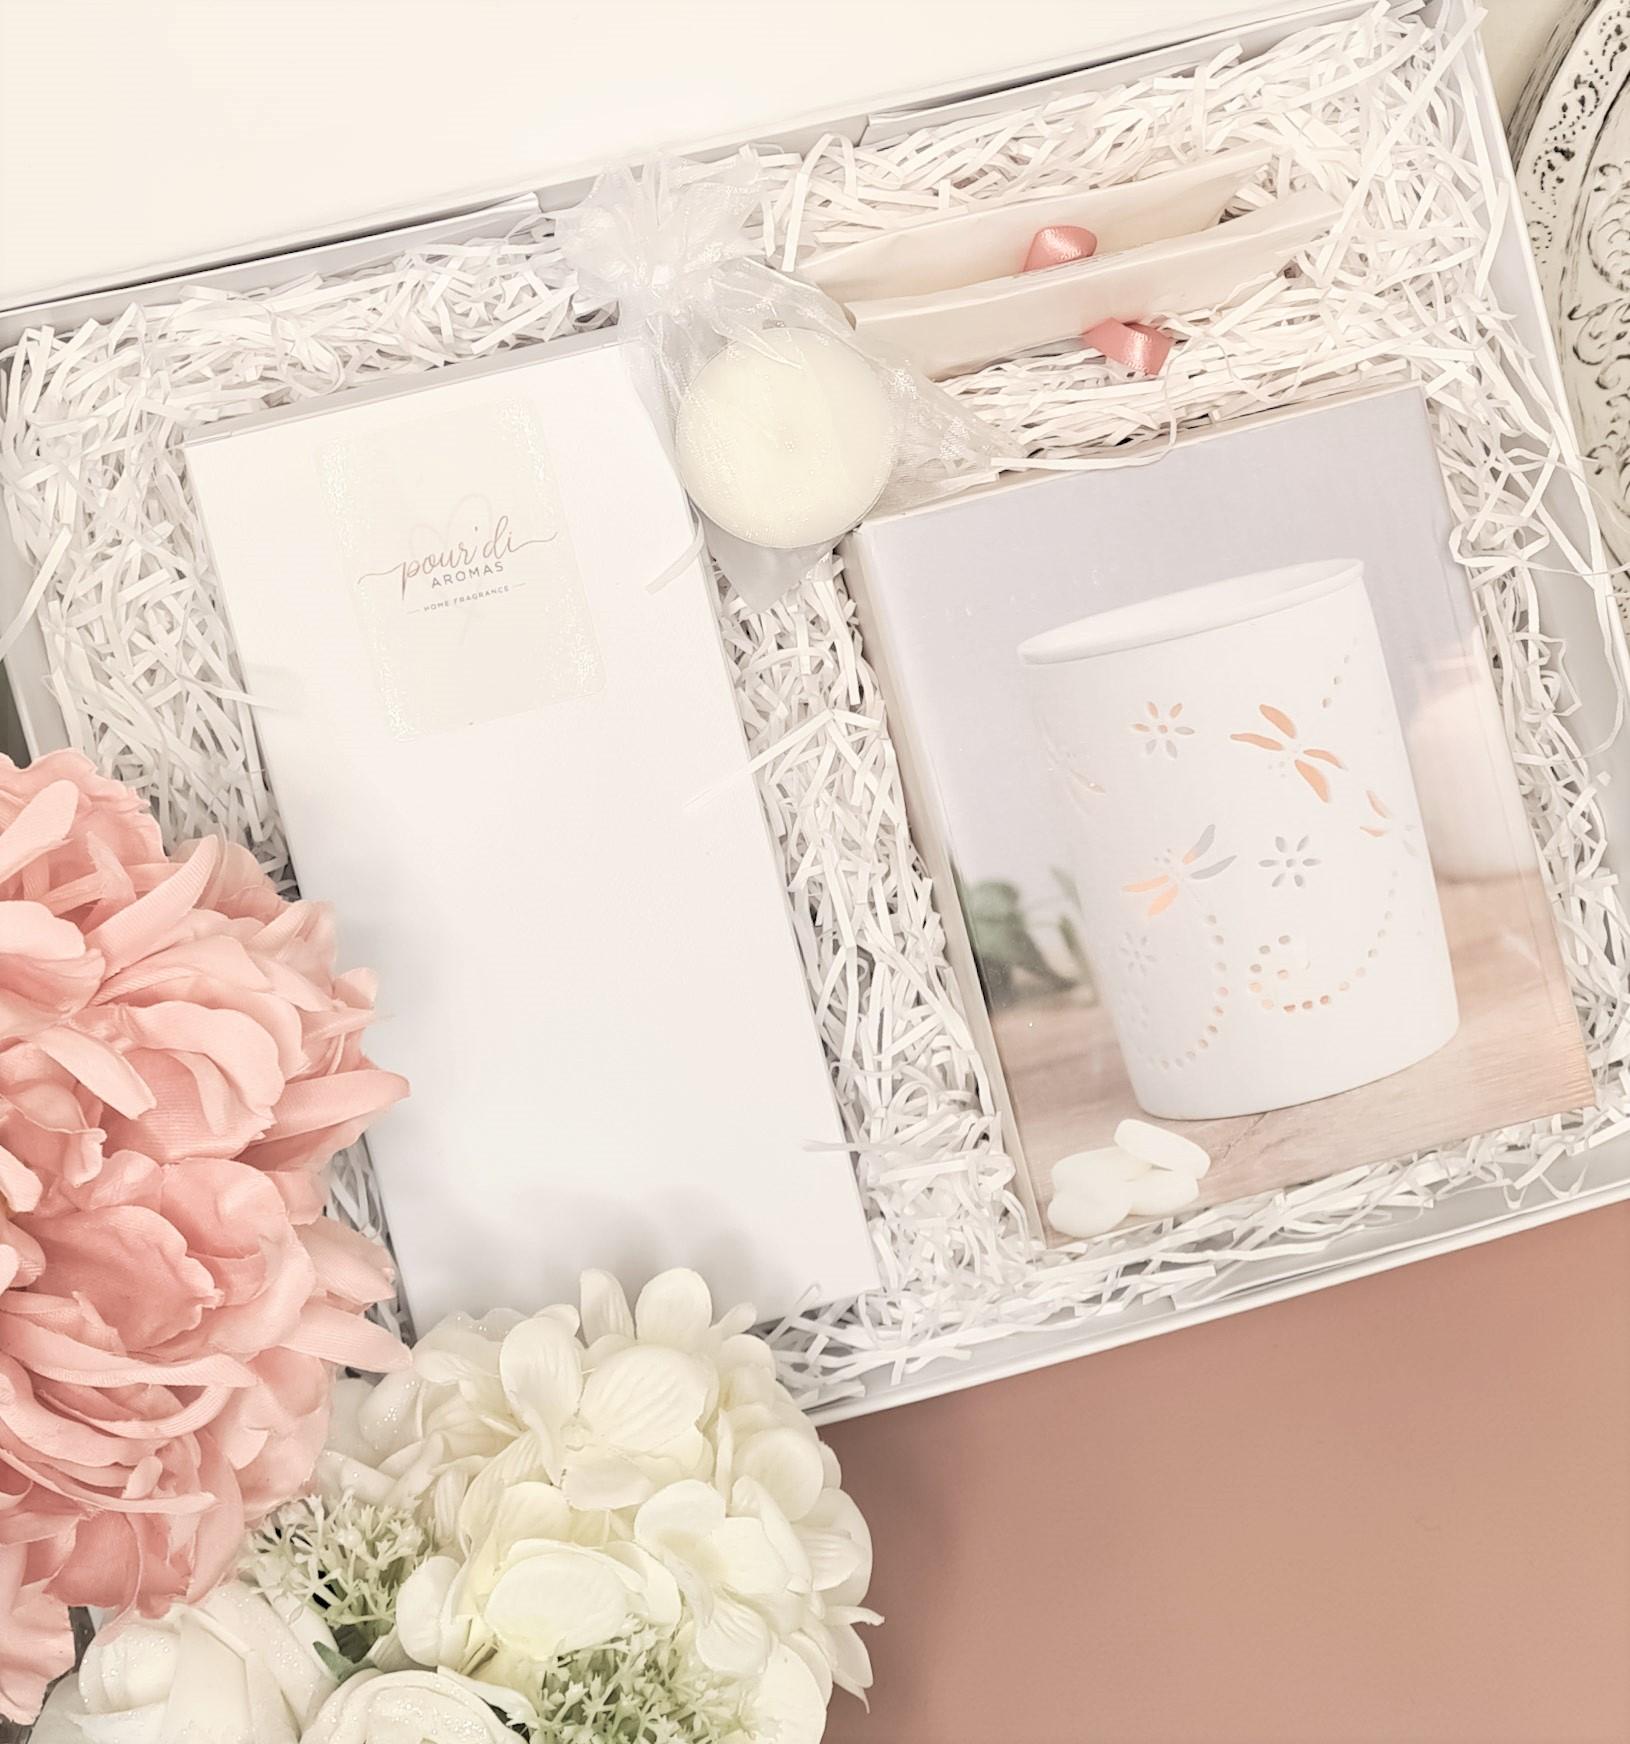 Diffuser & Wax Melt Gift Set